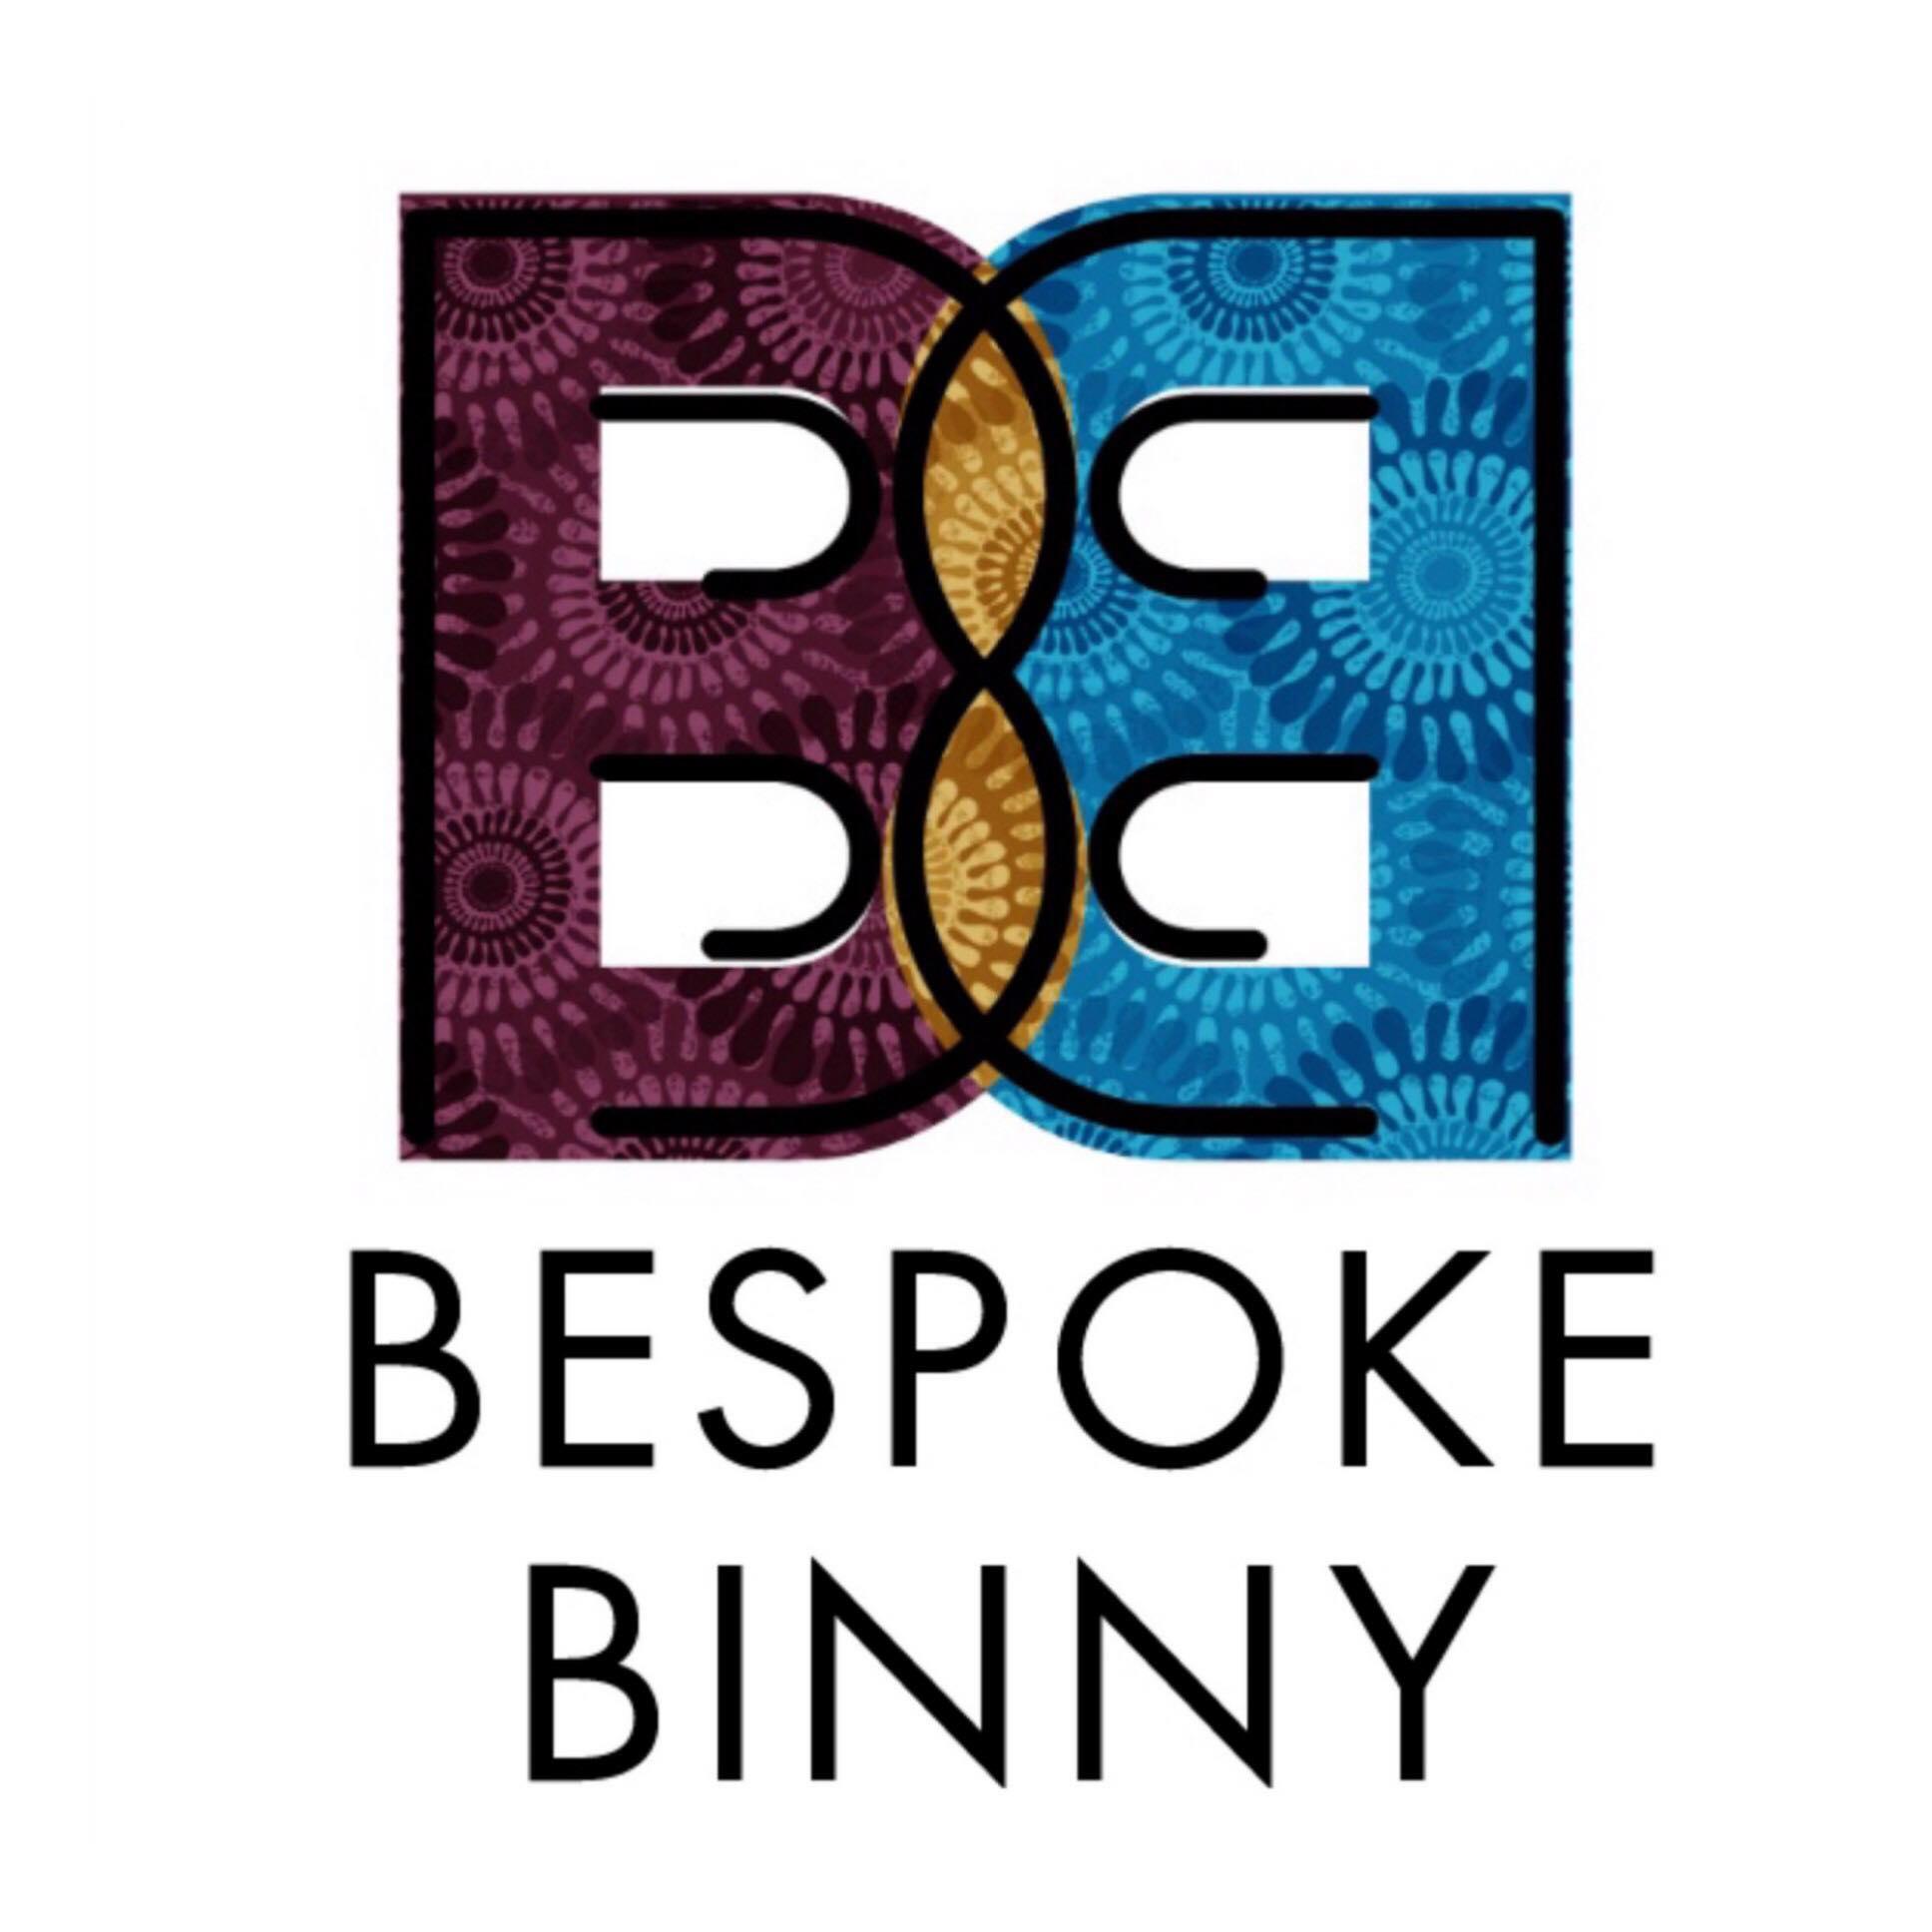 Bespoke Binny